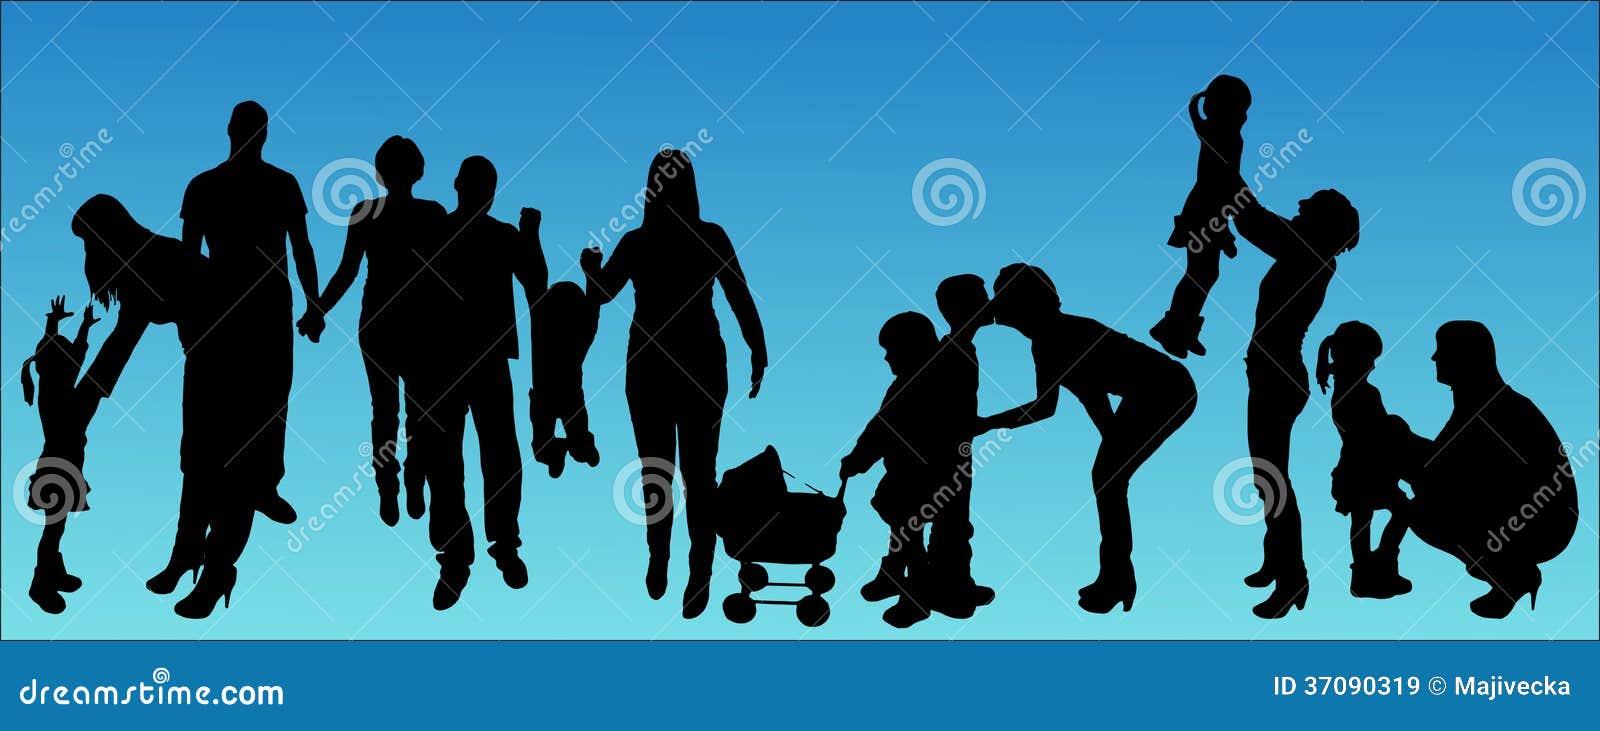 Download Wektorowa Ilustracja Z Rodzinnymi Sylwetkami. Ilustracja Wektor - Ilustracja złożonej z ilustracje, ręki: 37090319